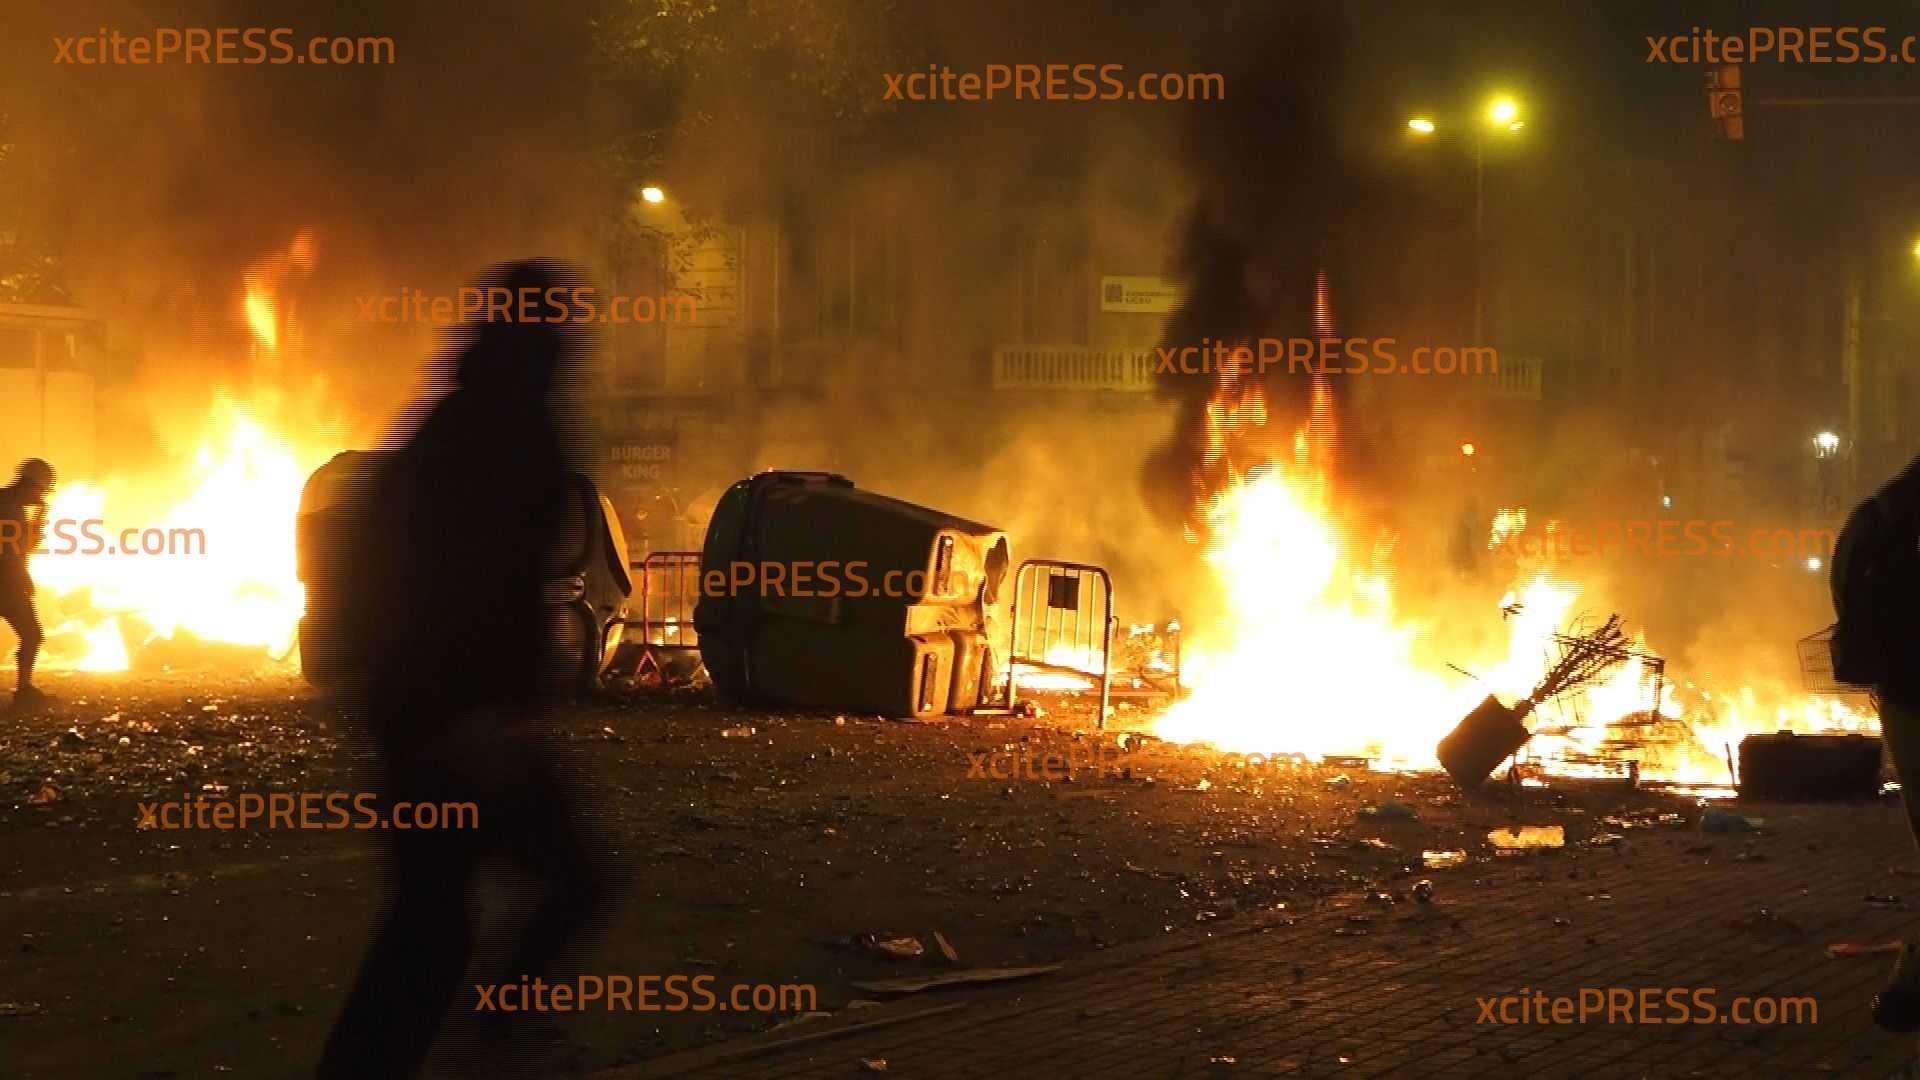 Heftige Ausschreitungen bei Massenprotesten: Fünfter Krawalltag in Folge - Freilassung der